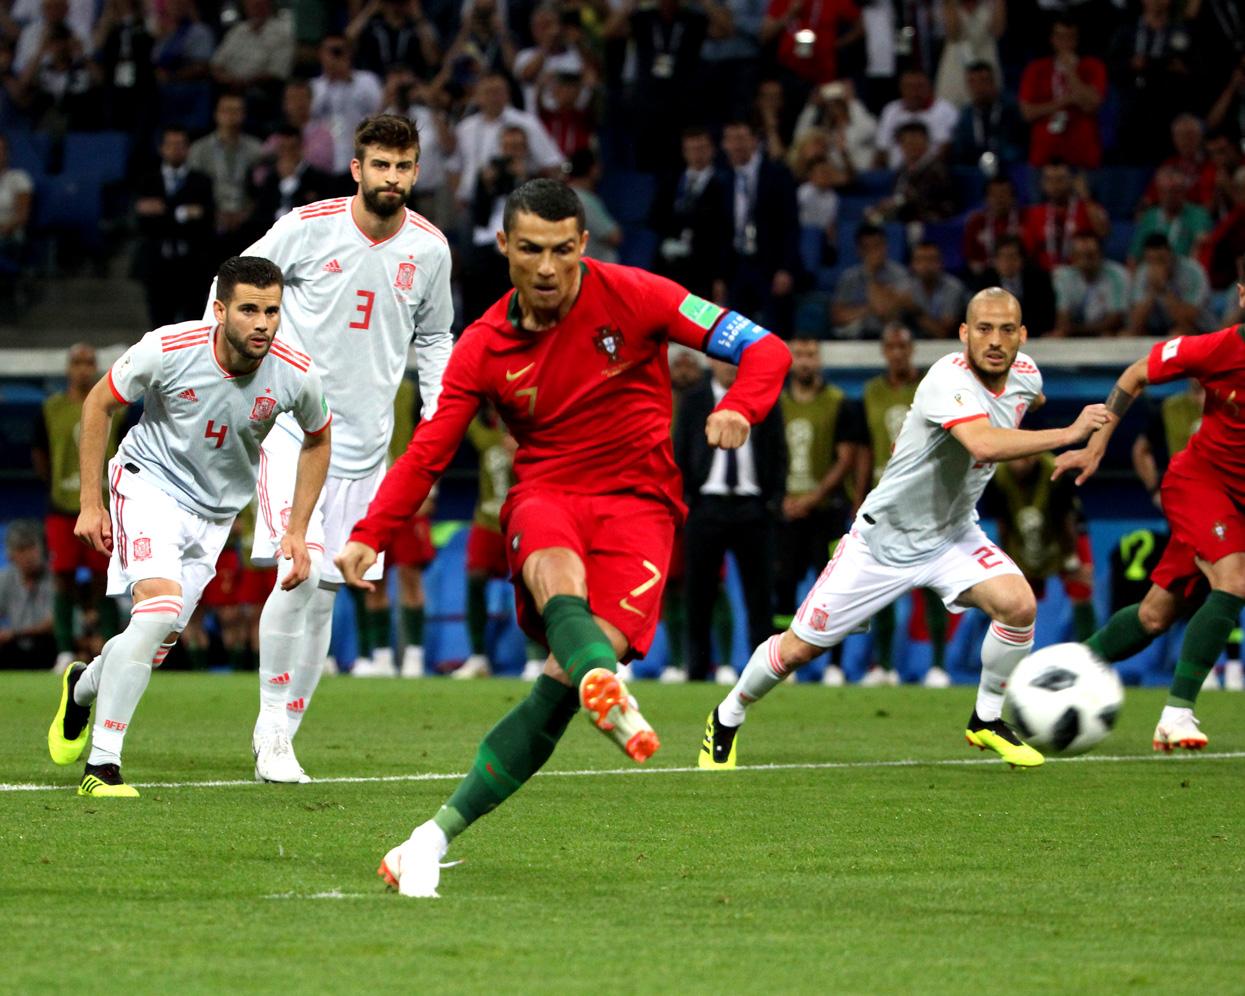 15 июня 2018 года. Сочи. Португалия - Испания - 3:3. Фото: globallookpress.com